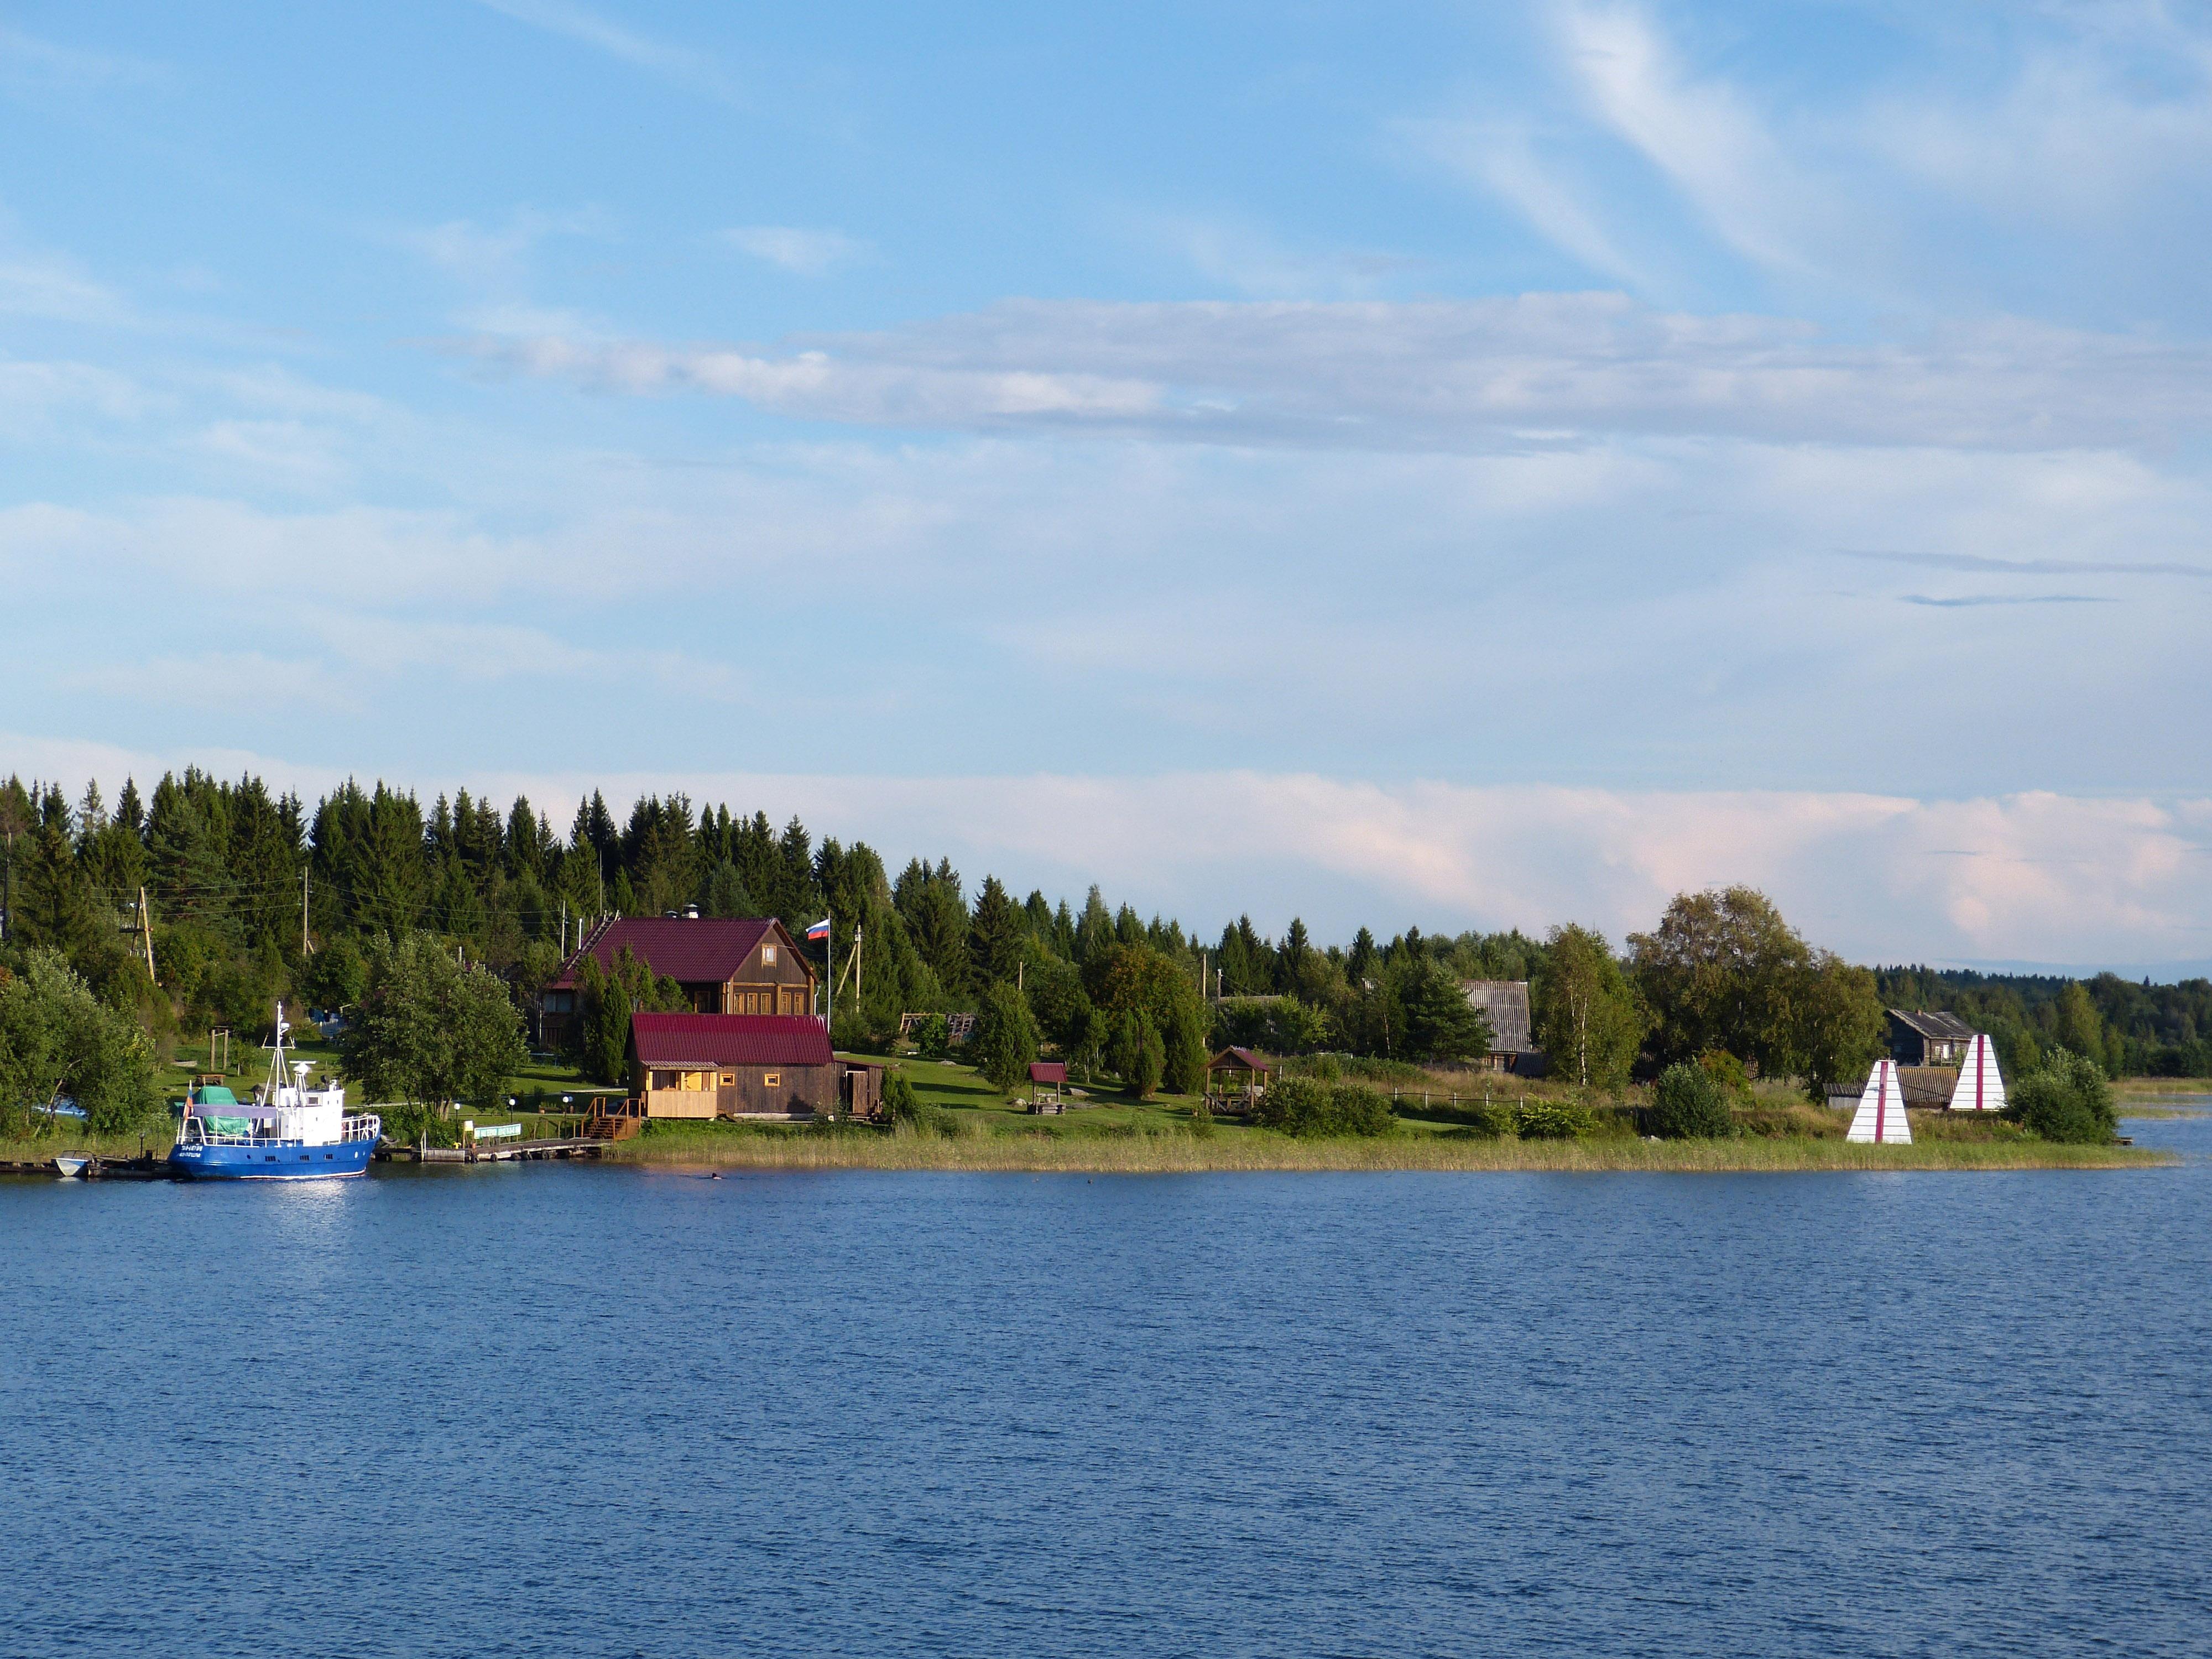 Ladoga lake scenery in Russia image - Free stock photo ...